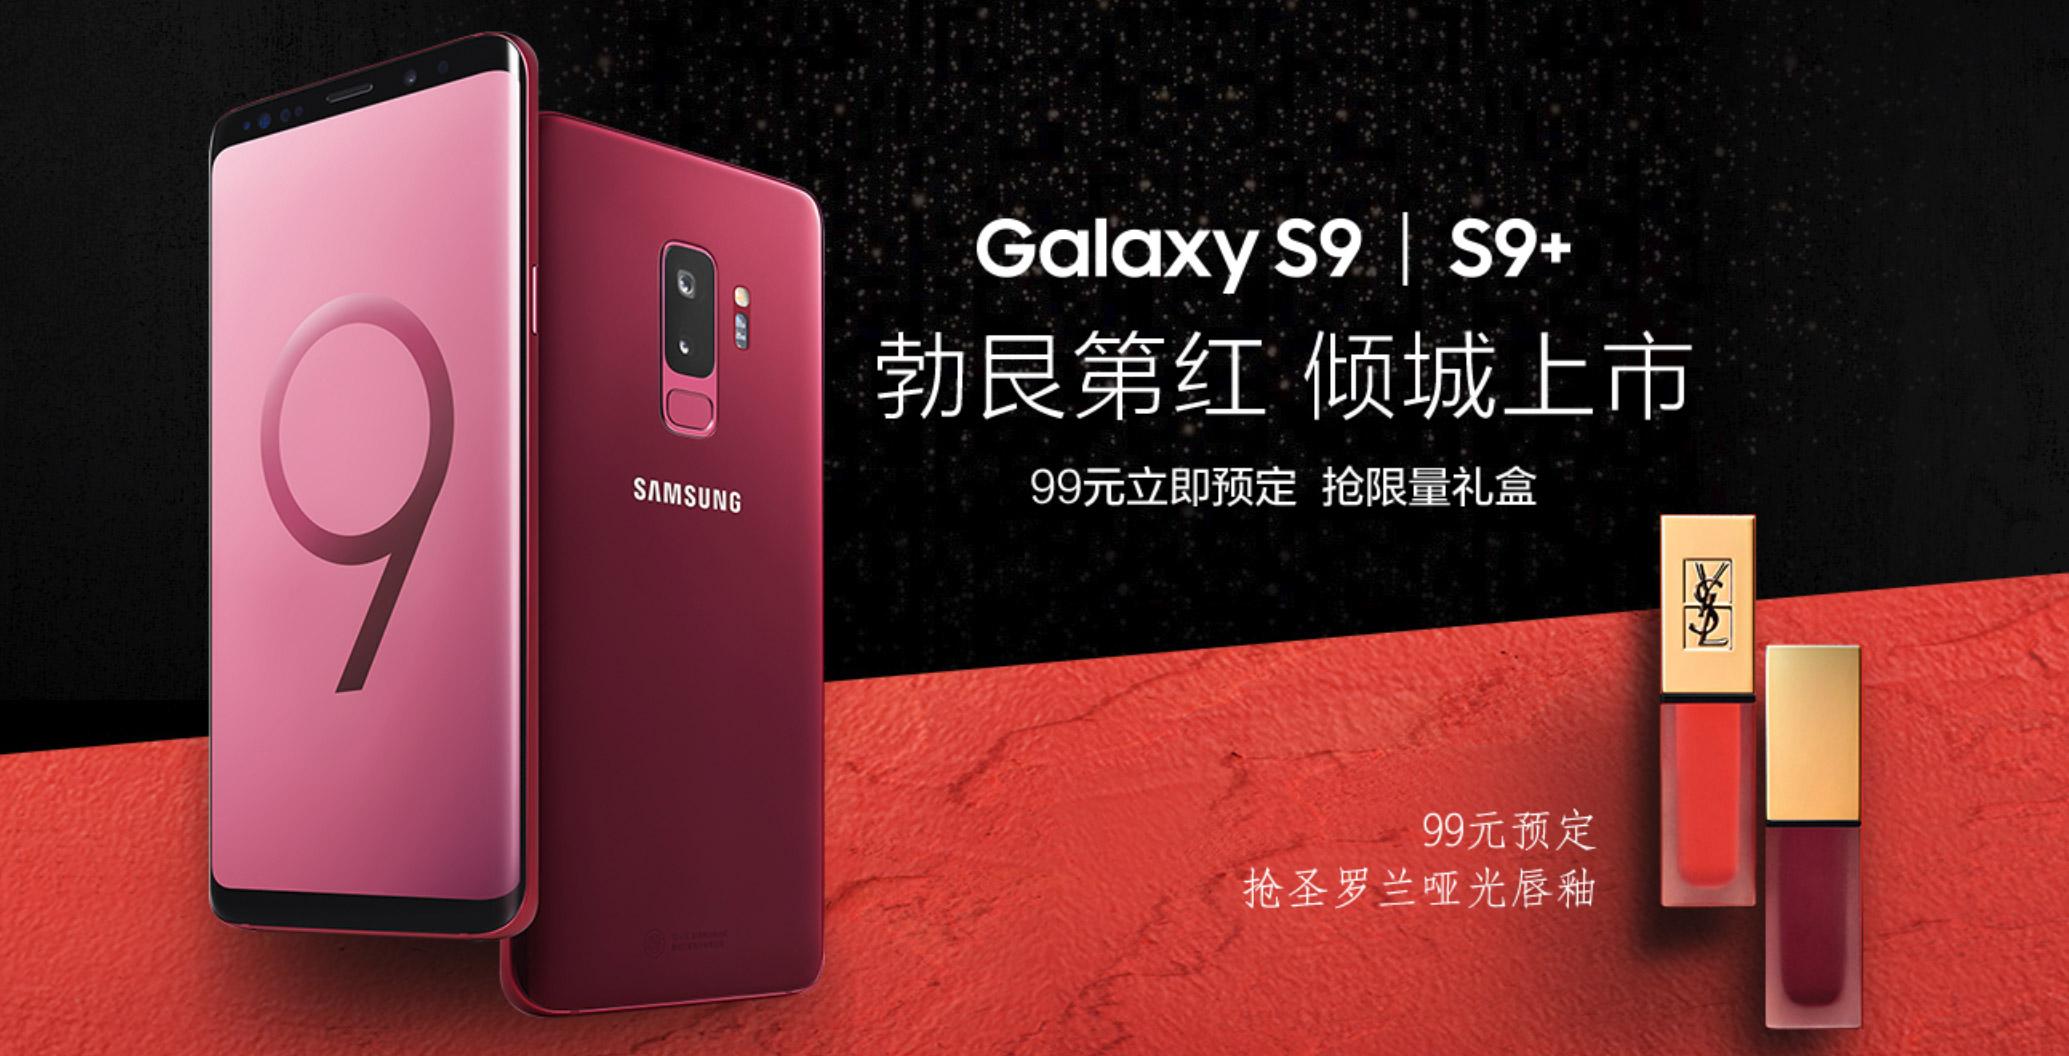 samsung galaxy s9 burgundy red kaufen